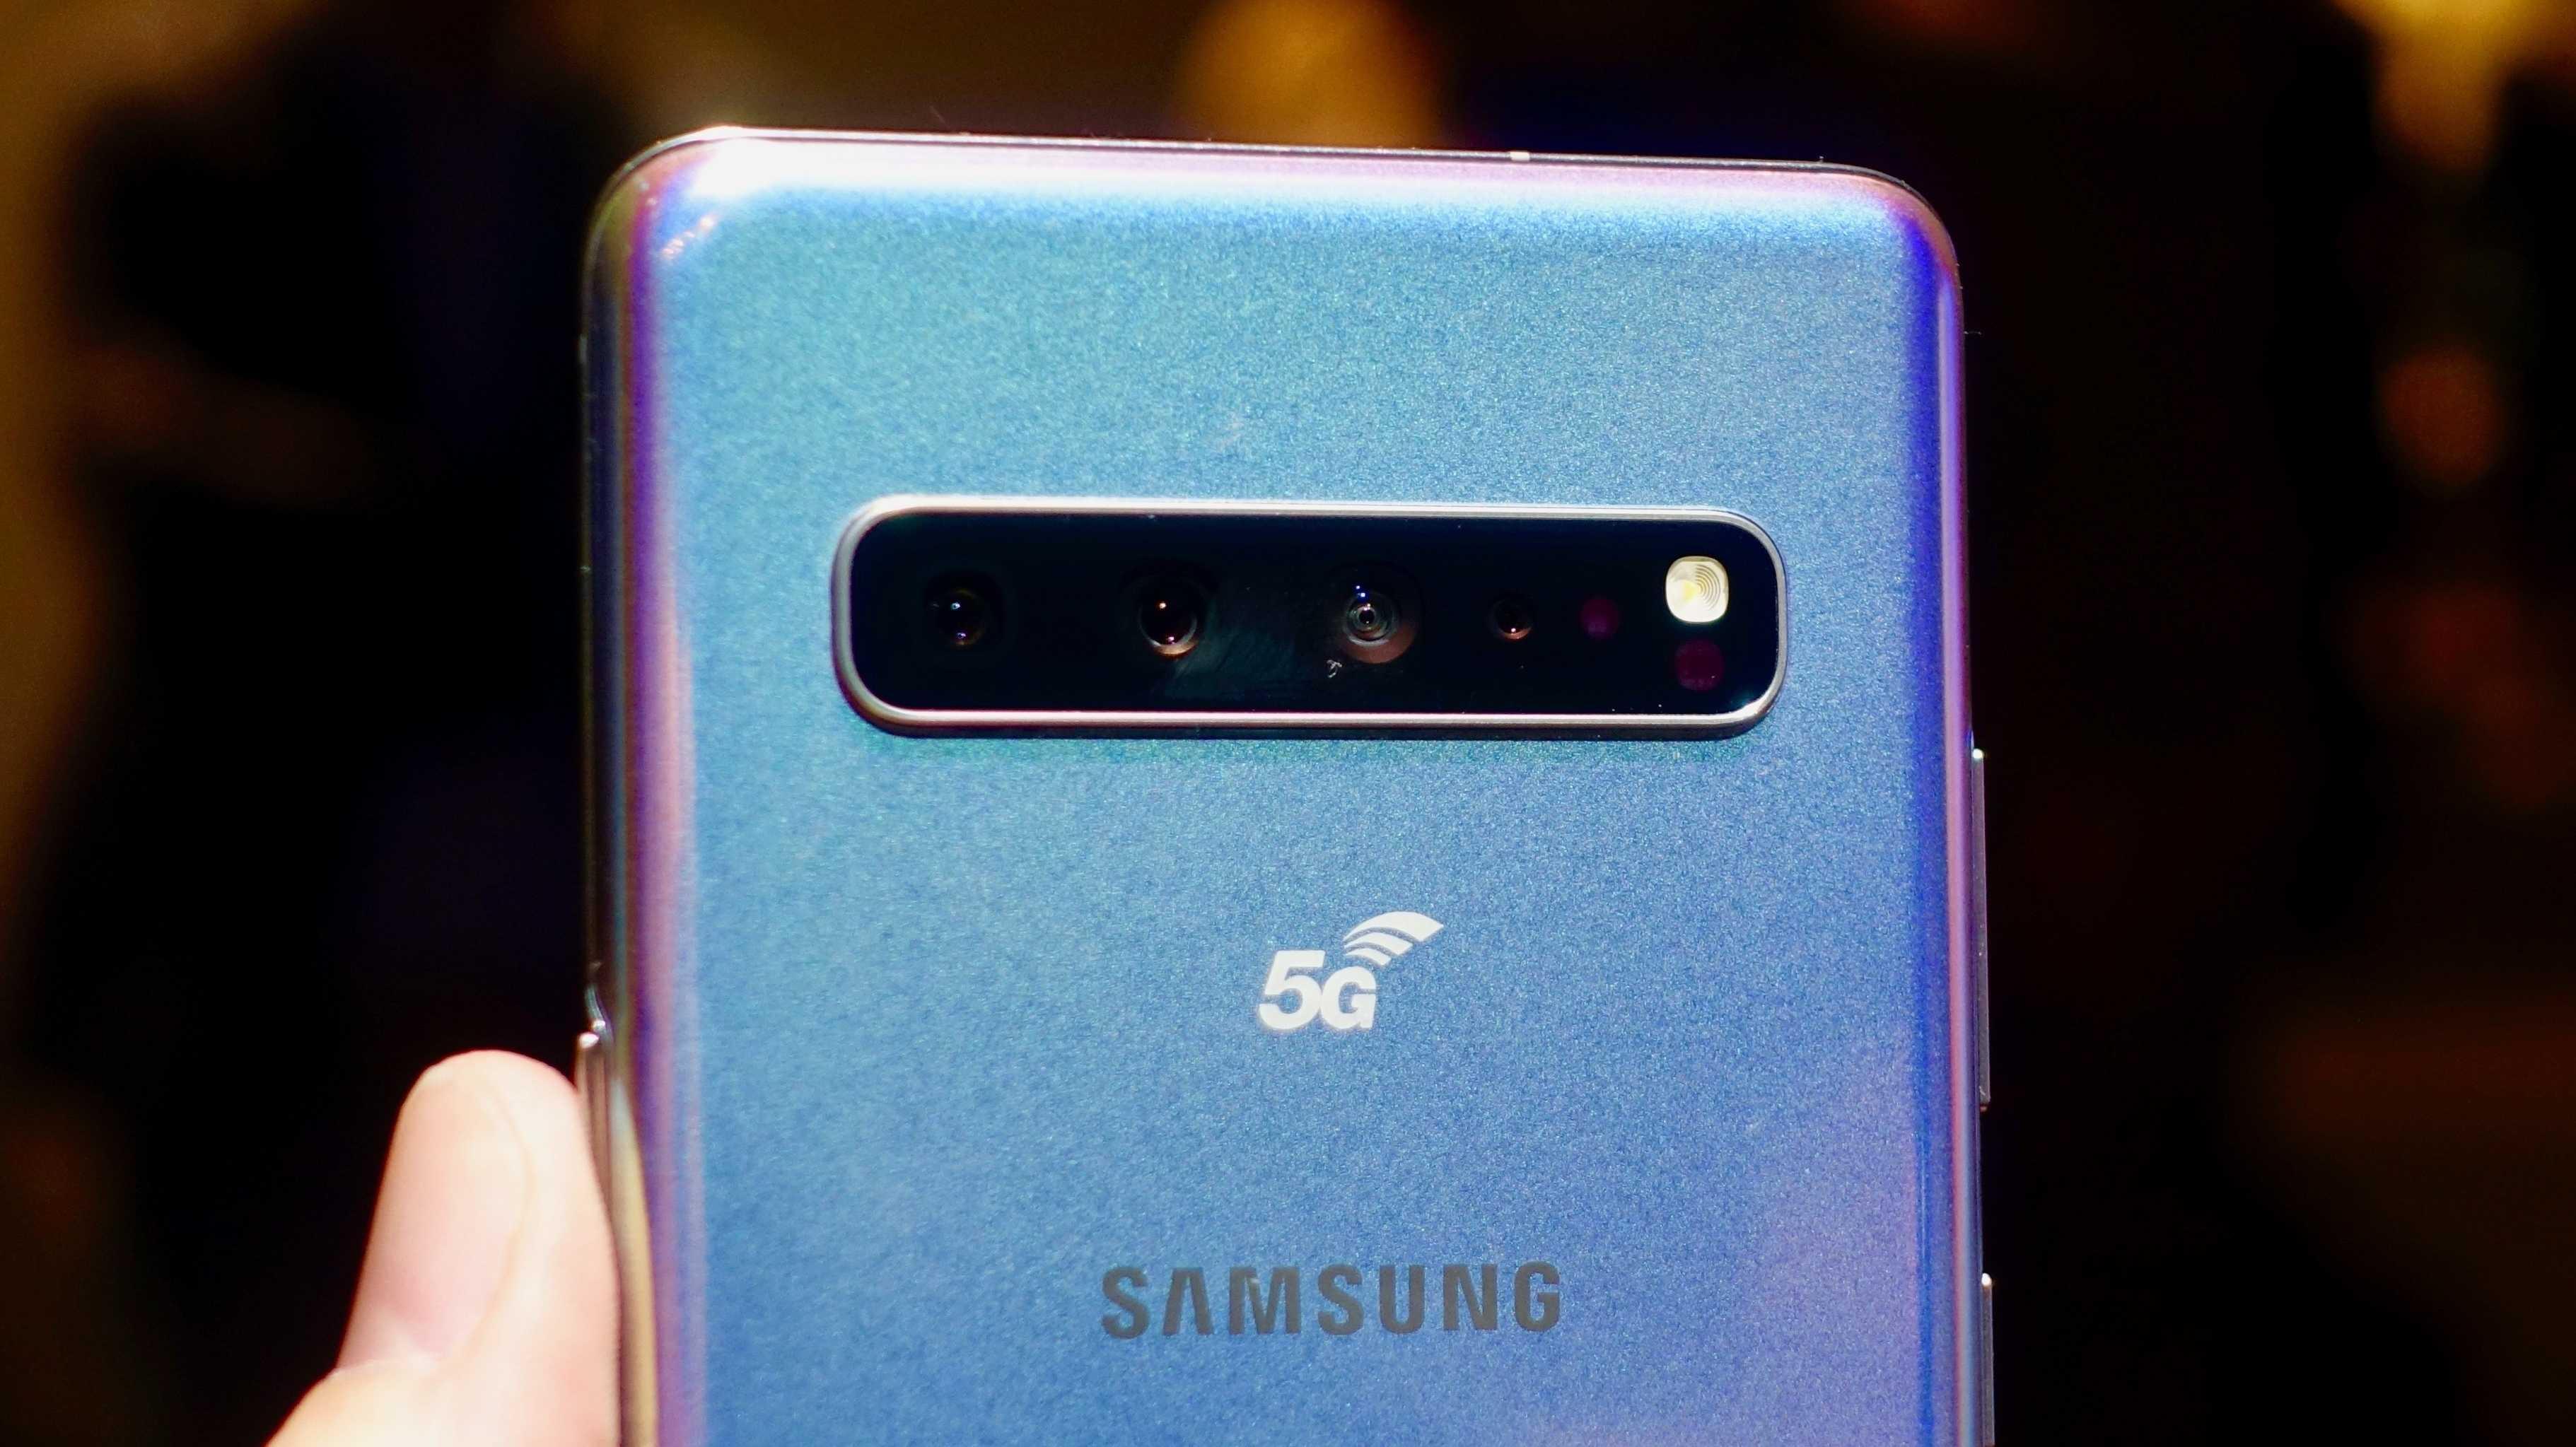 Galaxy S10 5G: Samsungs erstes 5G-Smartphone